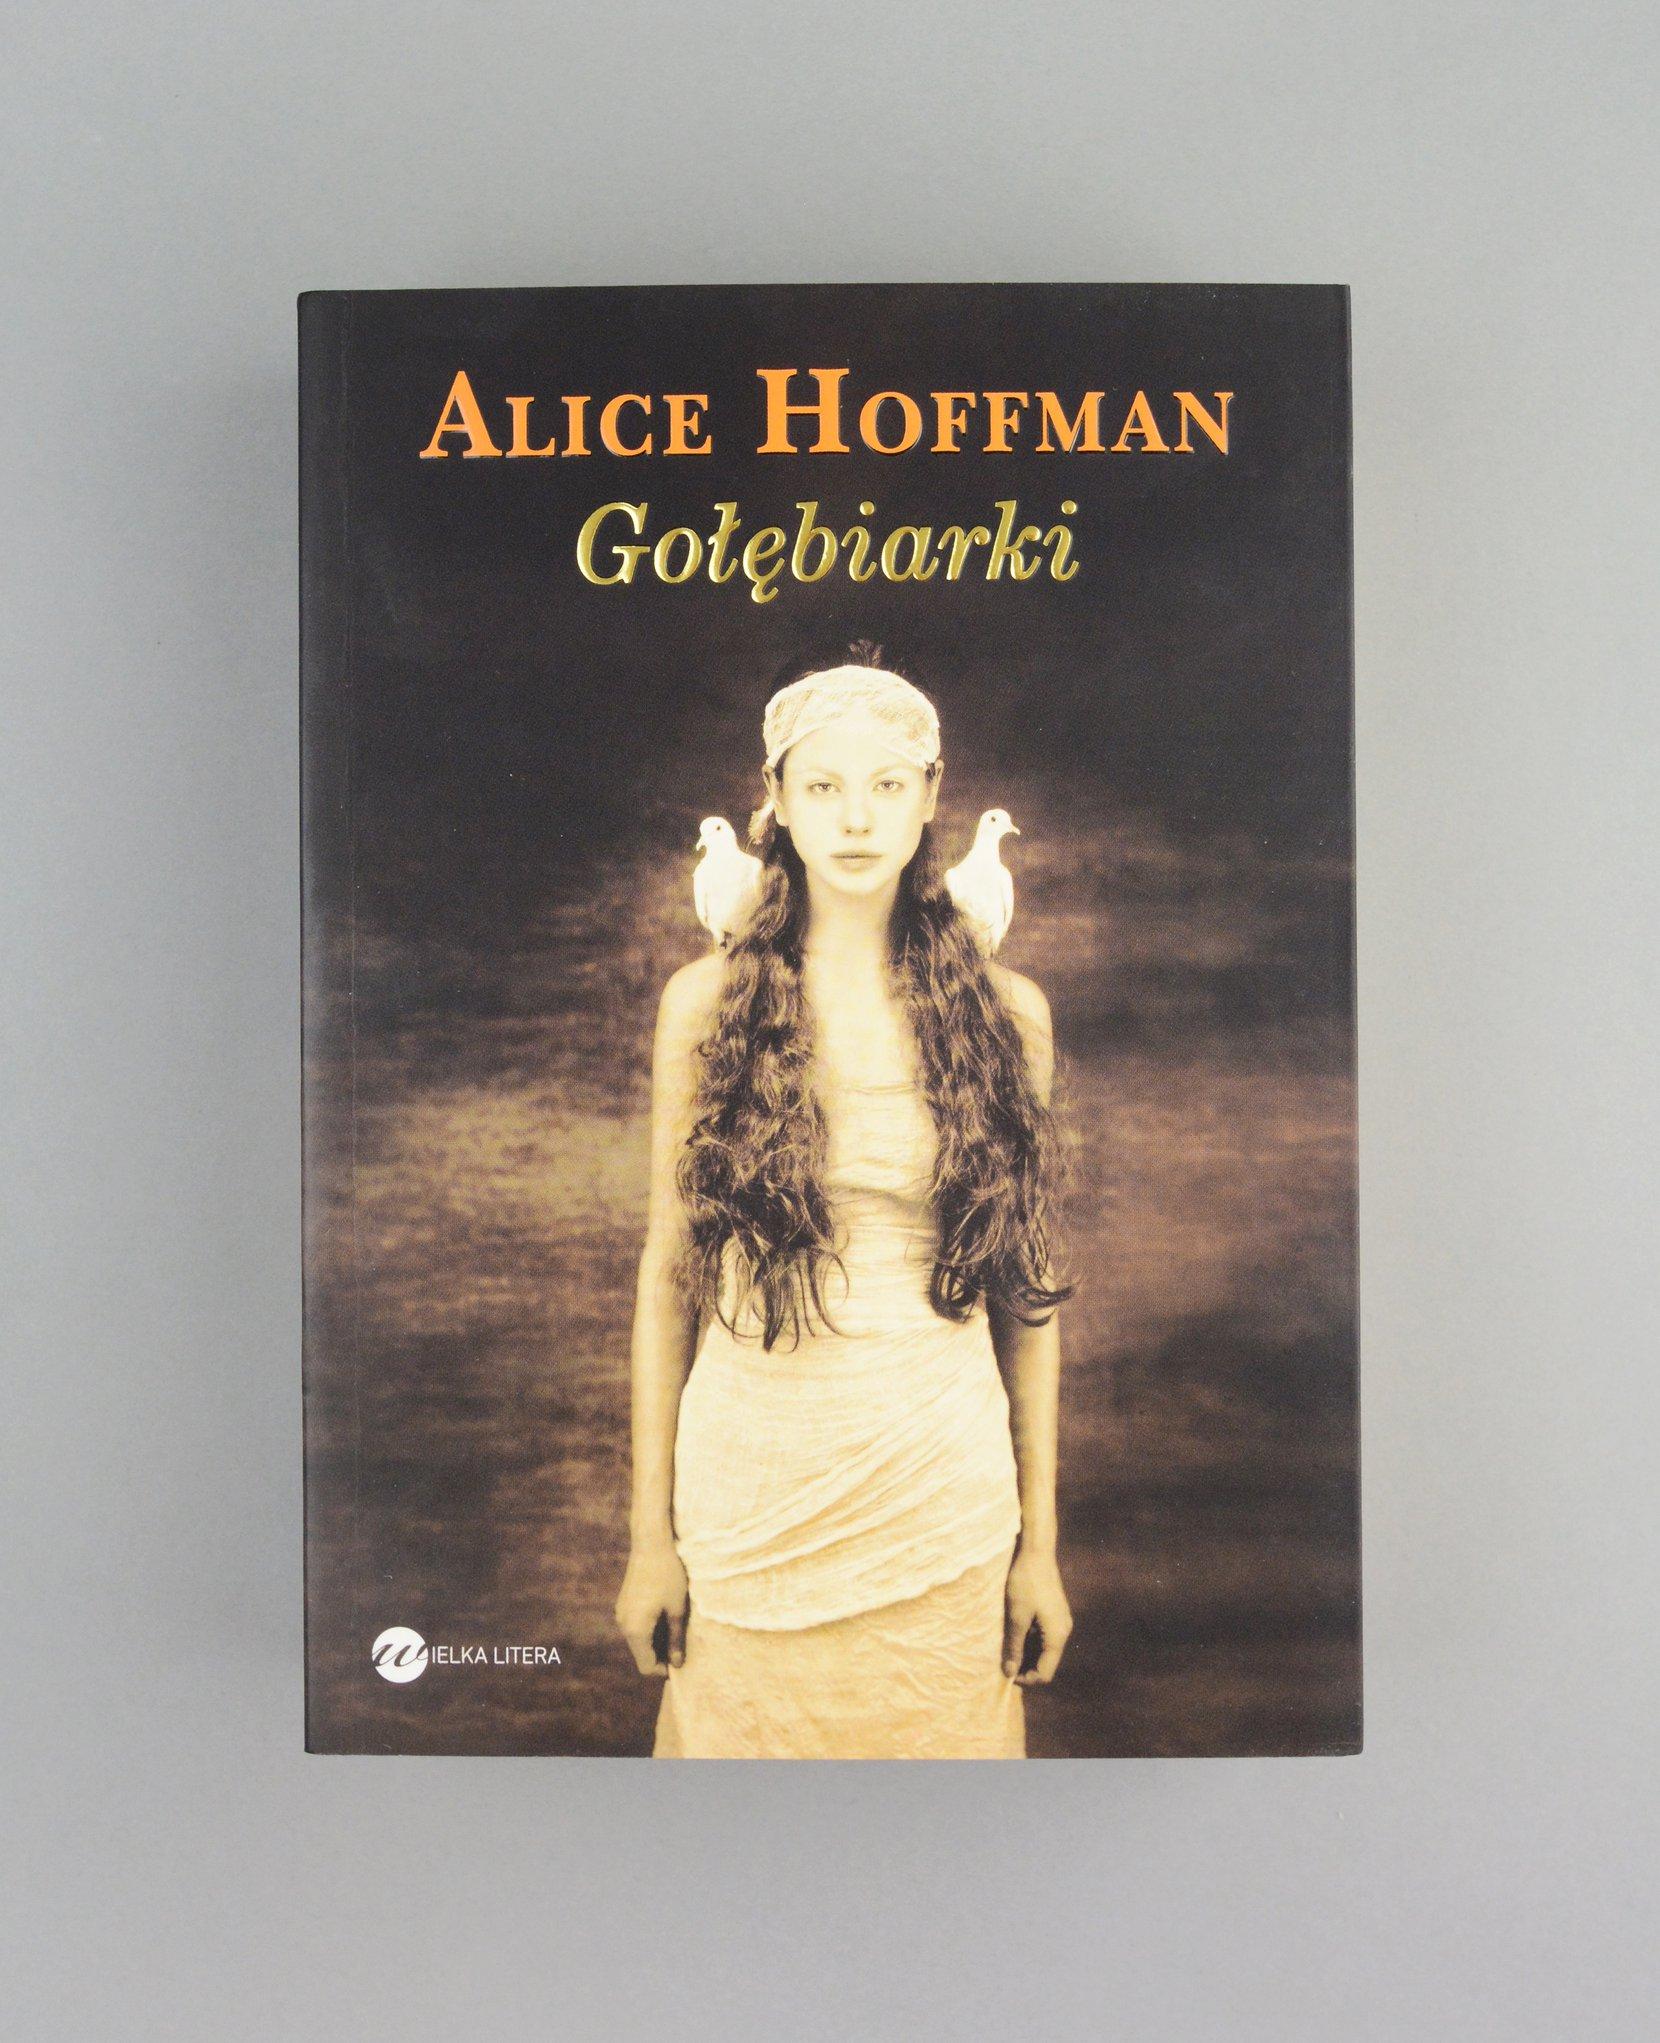 alice hoffman: gołębiarki, 2013 books history Alice Hoffman